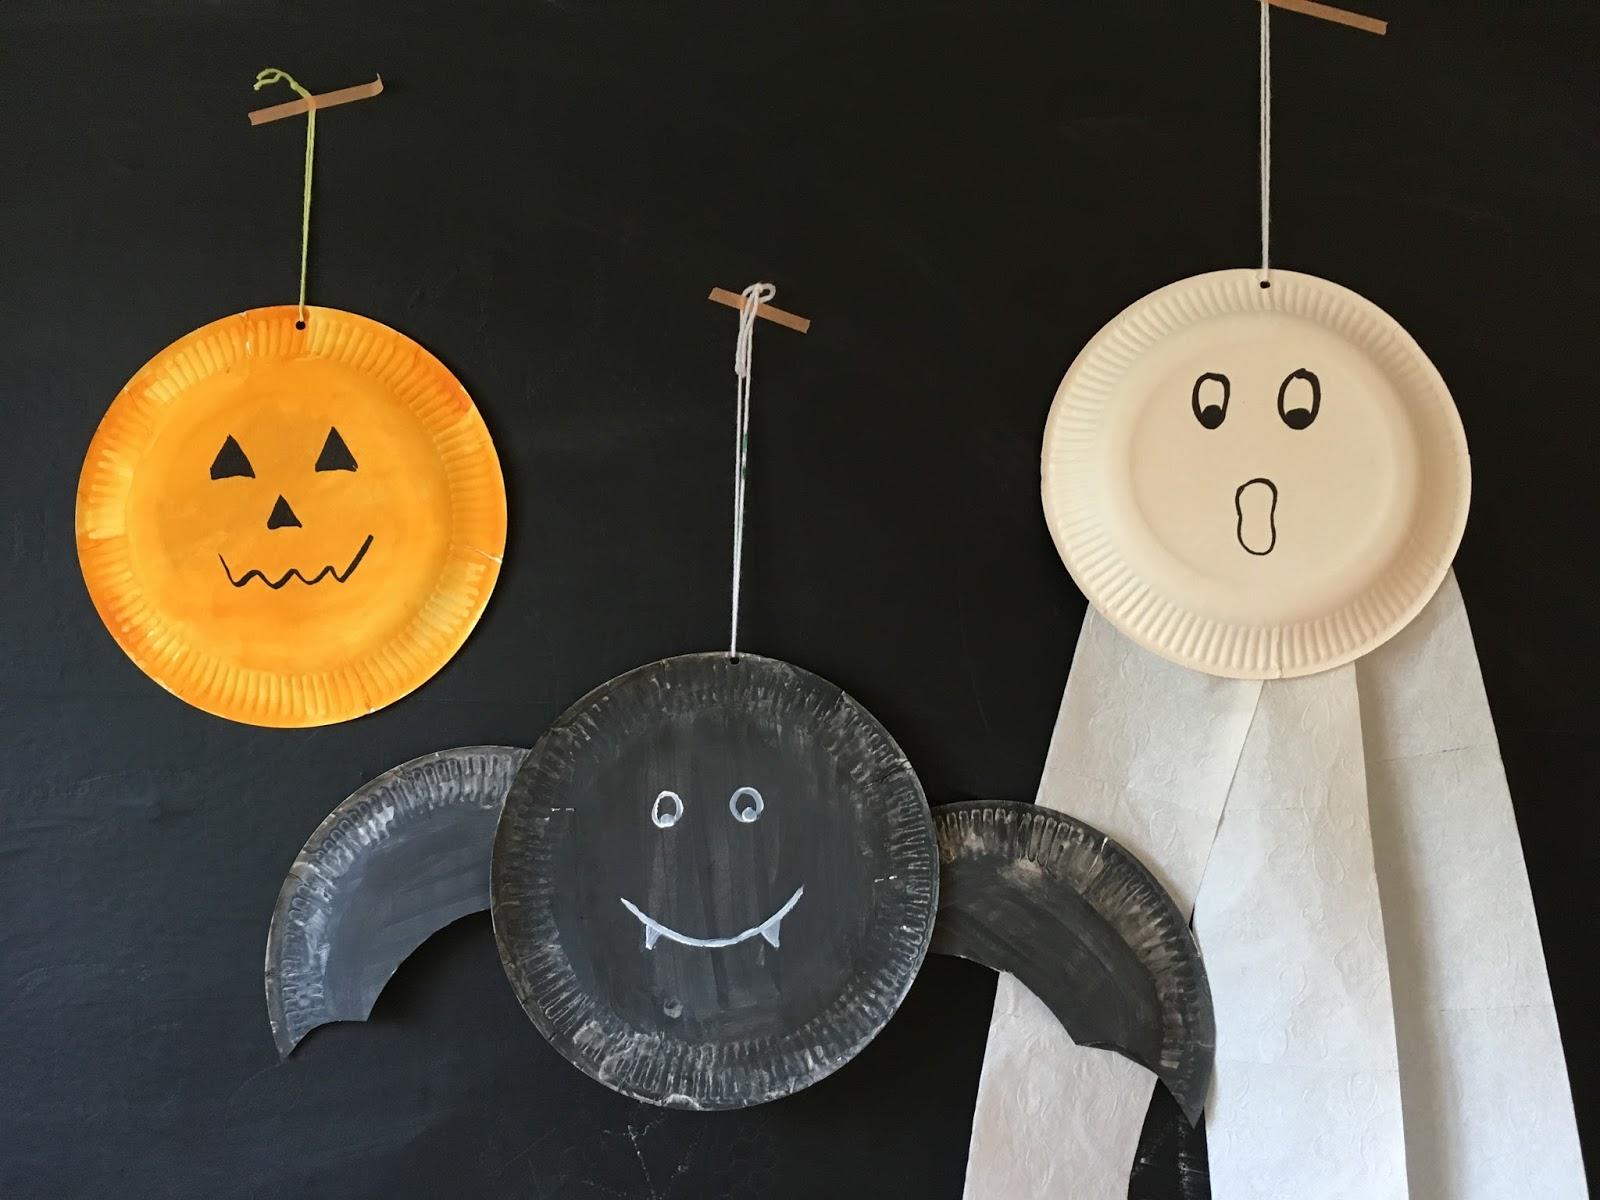 birgit schreibt basteln mit papptellern halloween. Black Bedroom Furniture Sets. Home Design Ideas